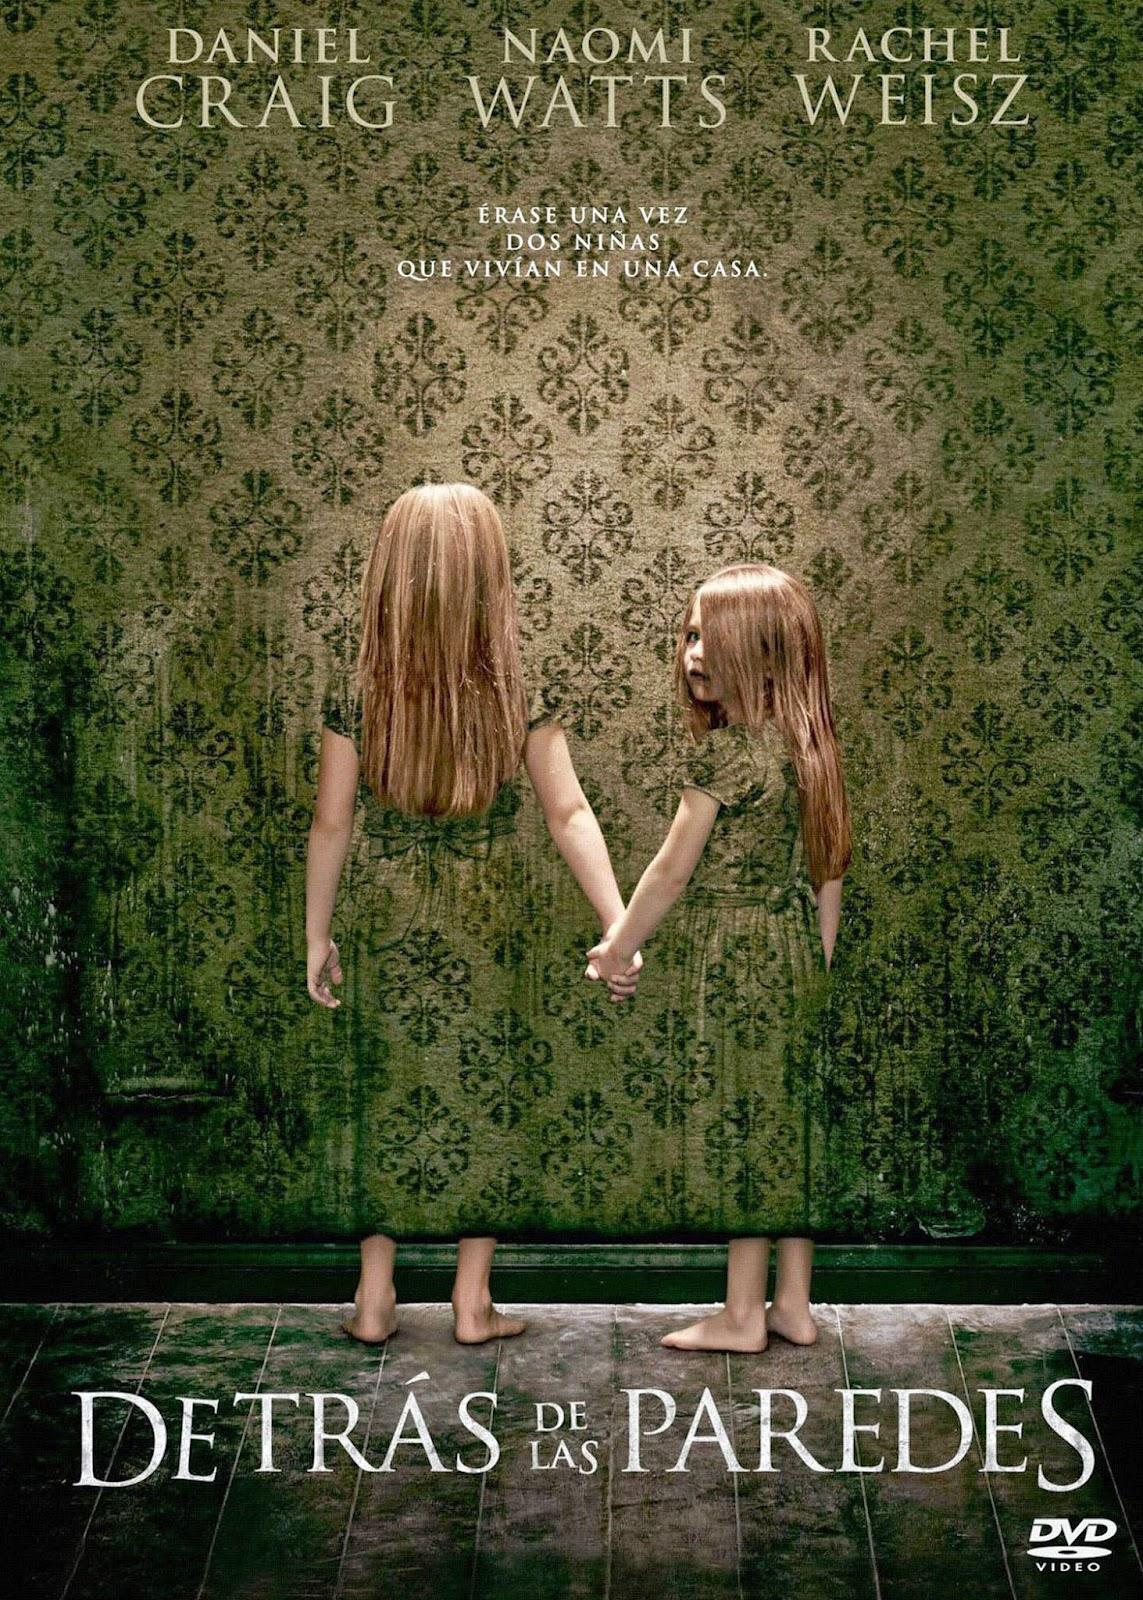 Detrás de las paredes (2011)